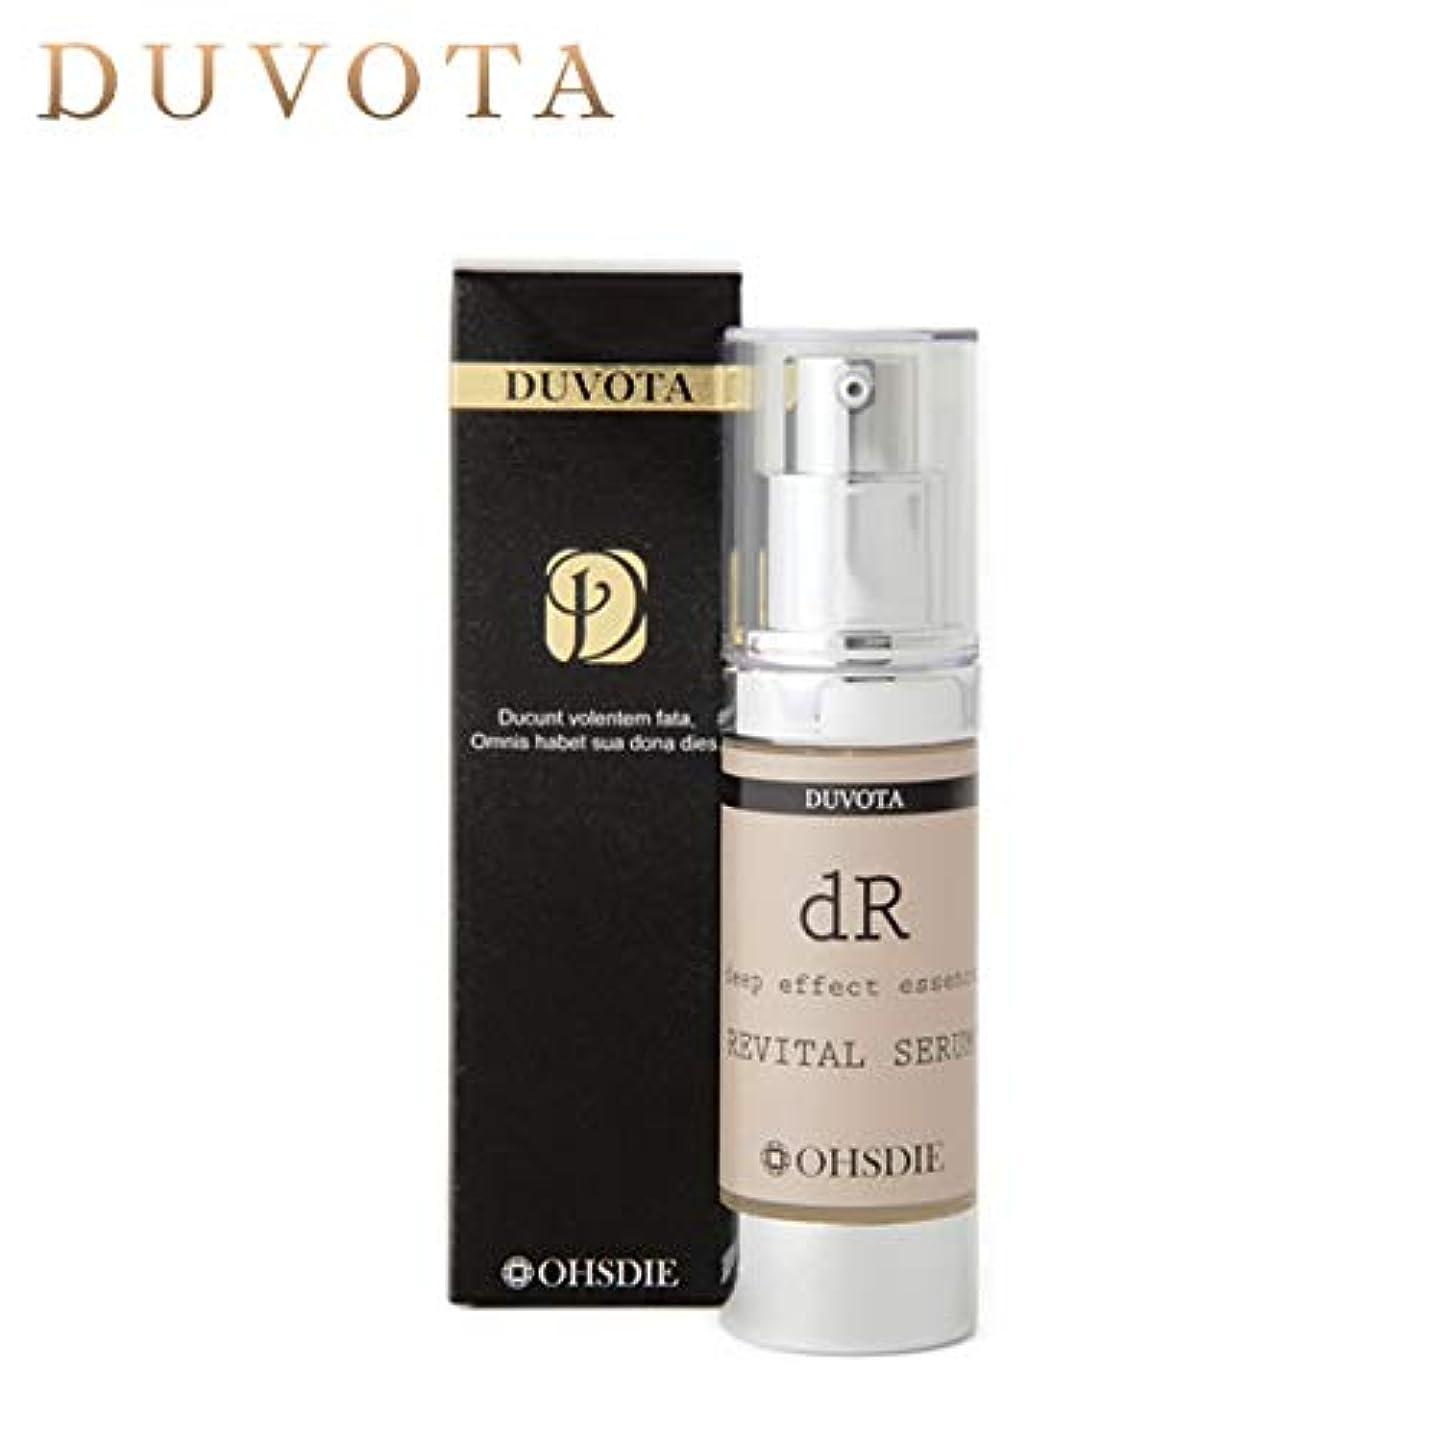 ベーコン激しい政治家のEGF 幹細胞 美容液 DUVOTA(ドゥボータ)ディープエフェクトエッセンスDリバイタルセラム 30ml / 馬プラセンタ ナールスゲン エレクトロポーション導入 エクラフレーズ 美顔器 リフトアップ 敏感肌 おすすめ